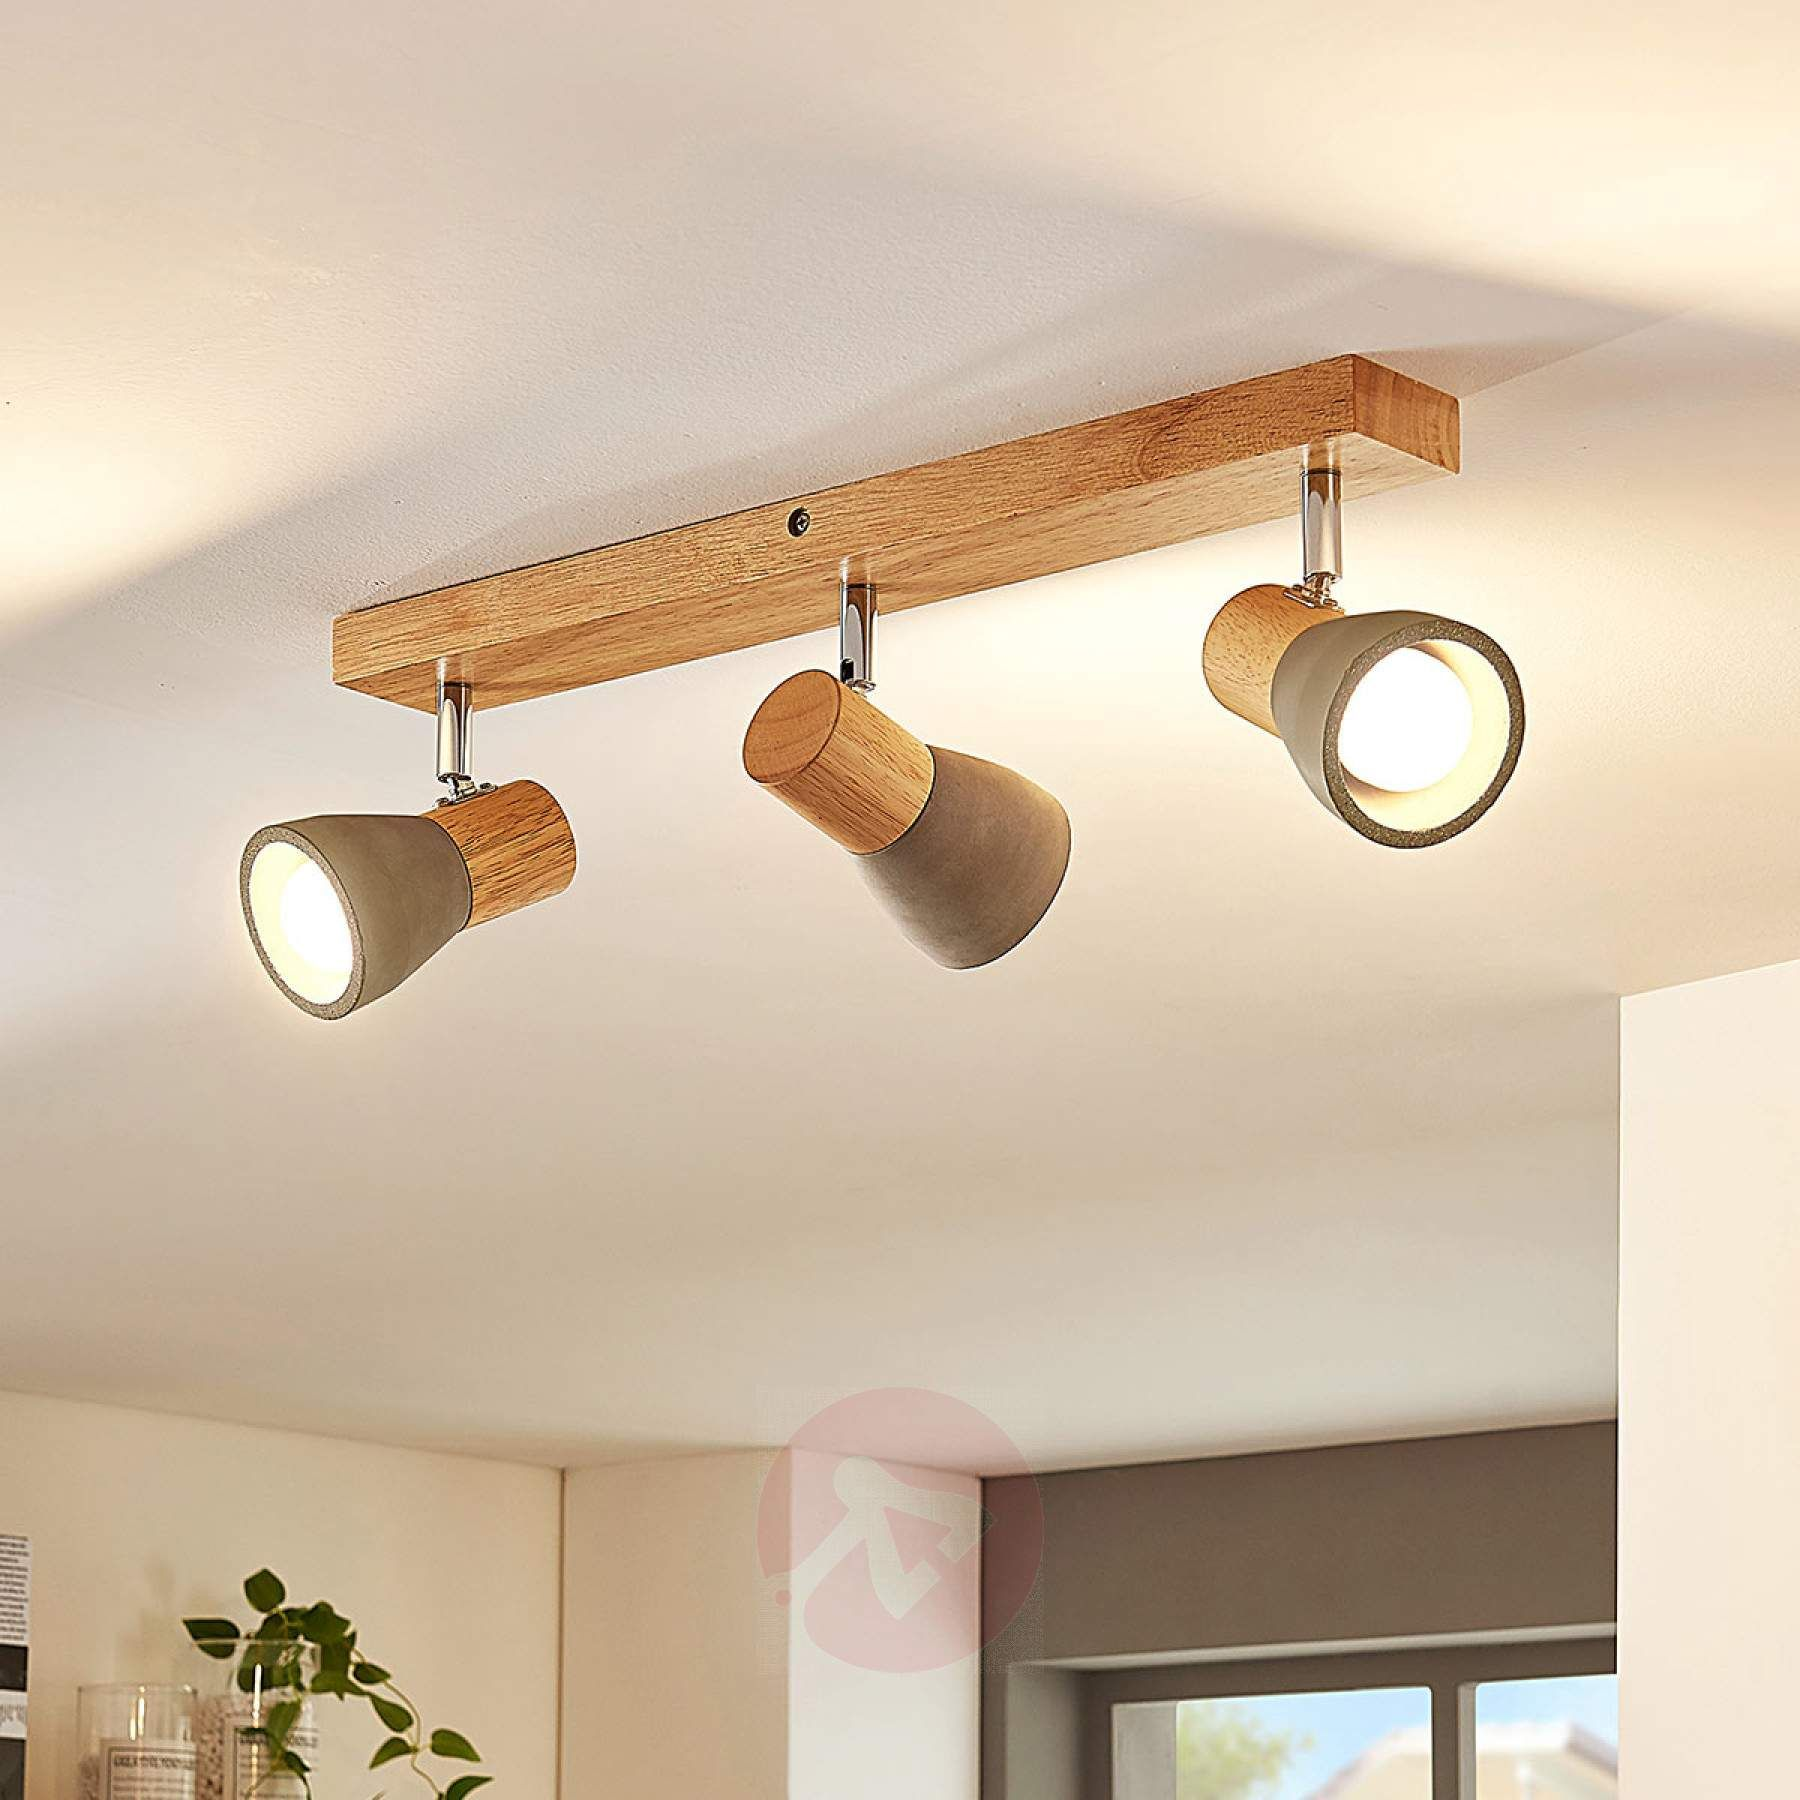 Pin Von Marc Hafliger Auf Lampe In 2020 Beleuchtung Decke Wohnraum Beleuchtung Strahler